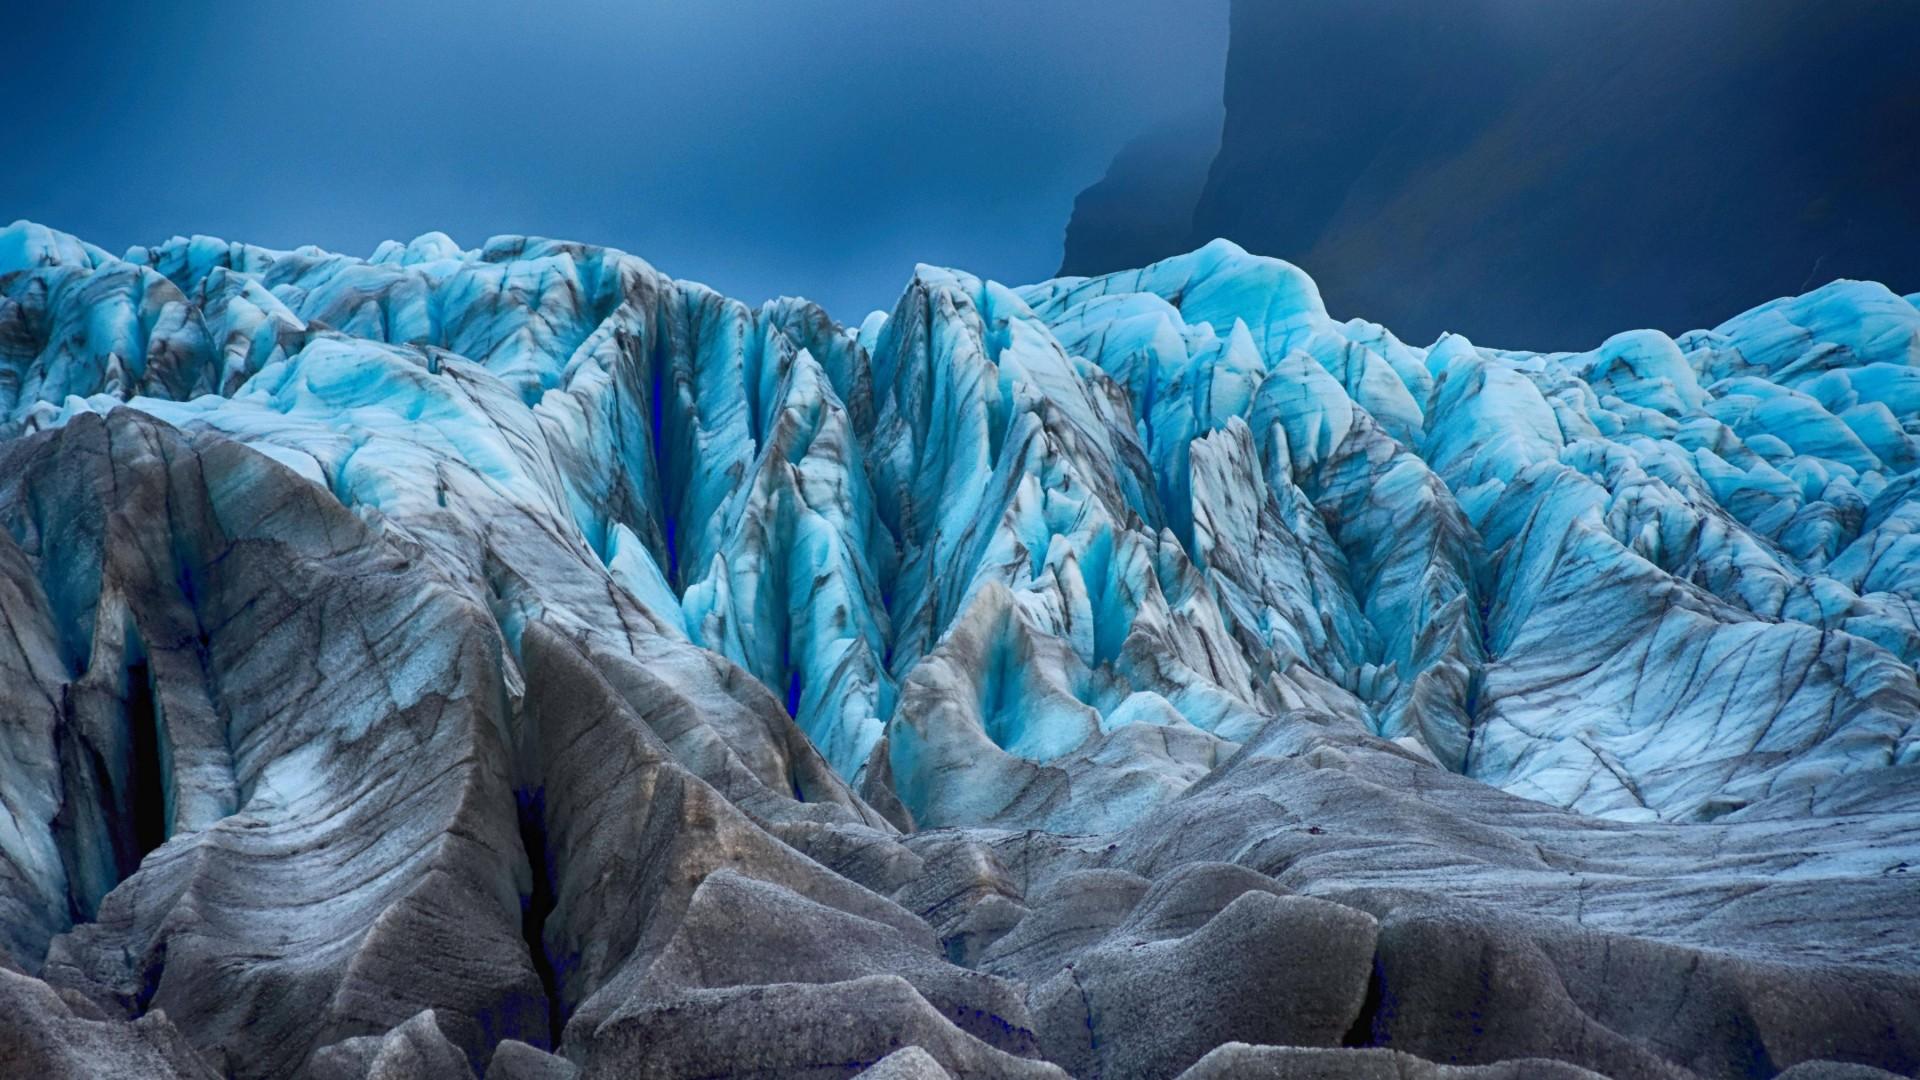 Wallpaper Ice, Glacier, 4k, Nature #15666